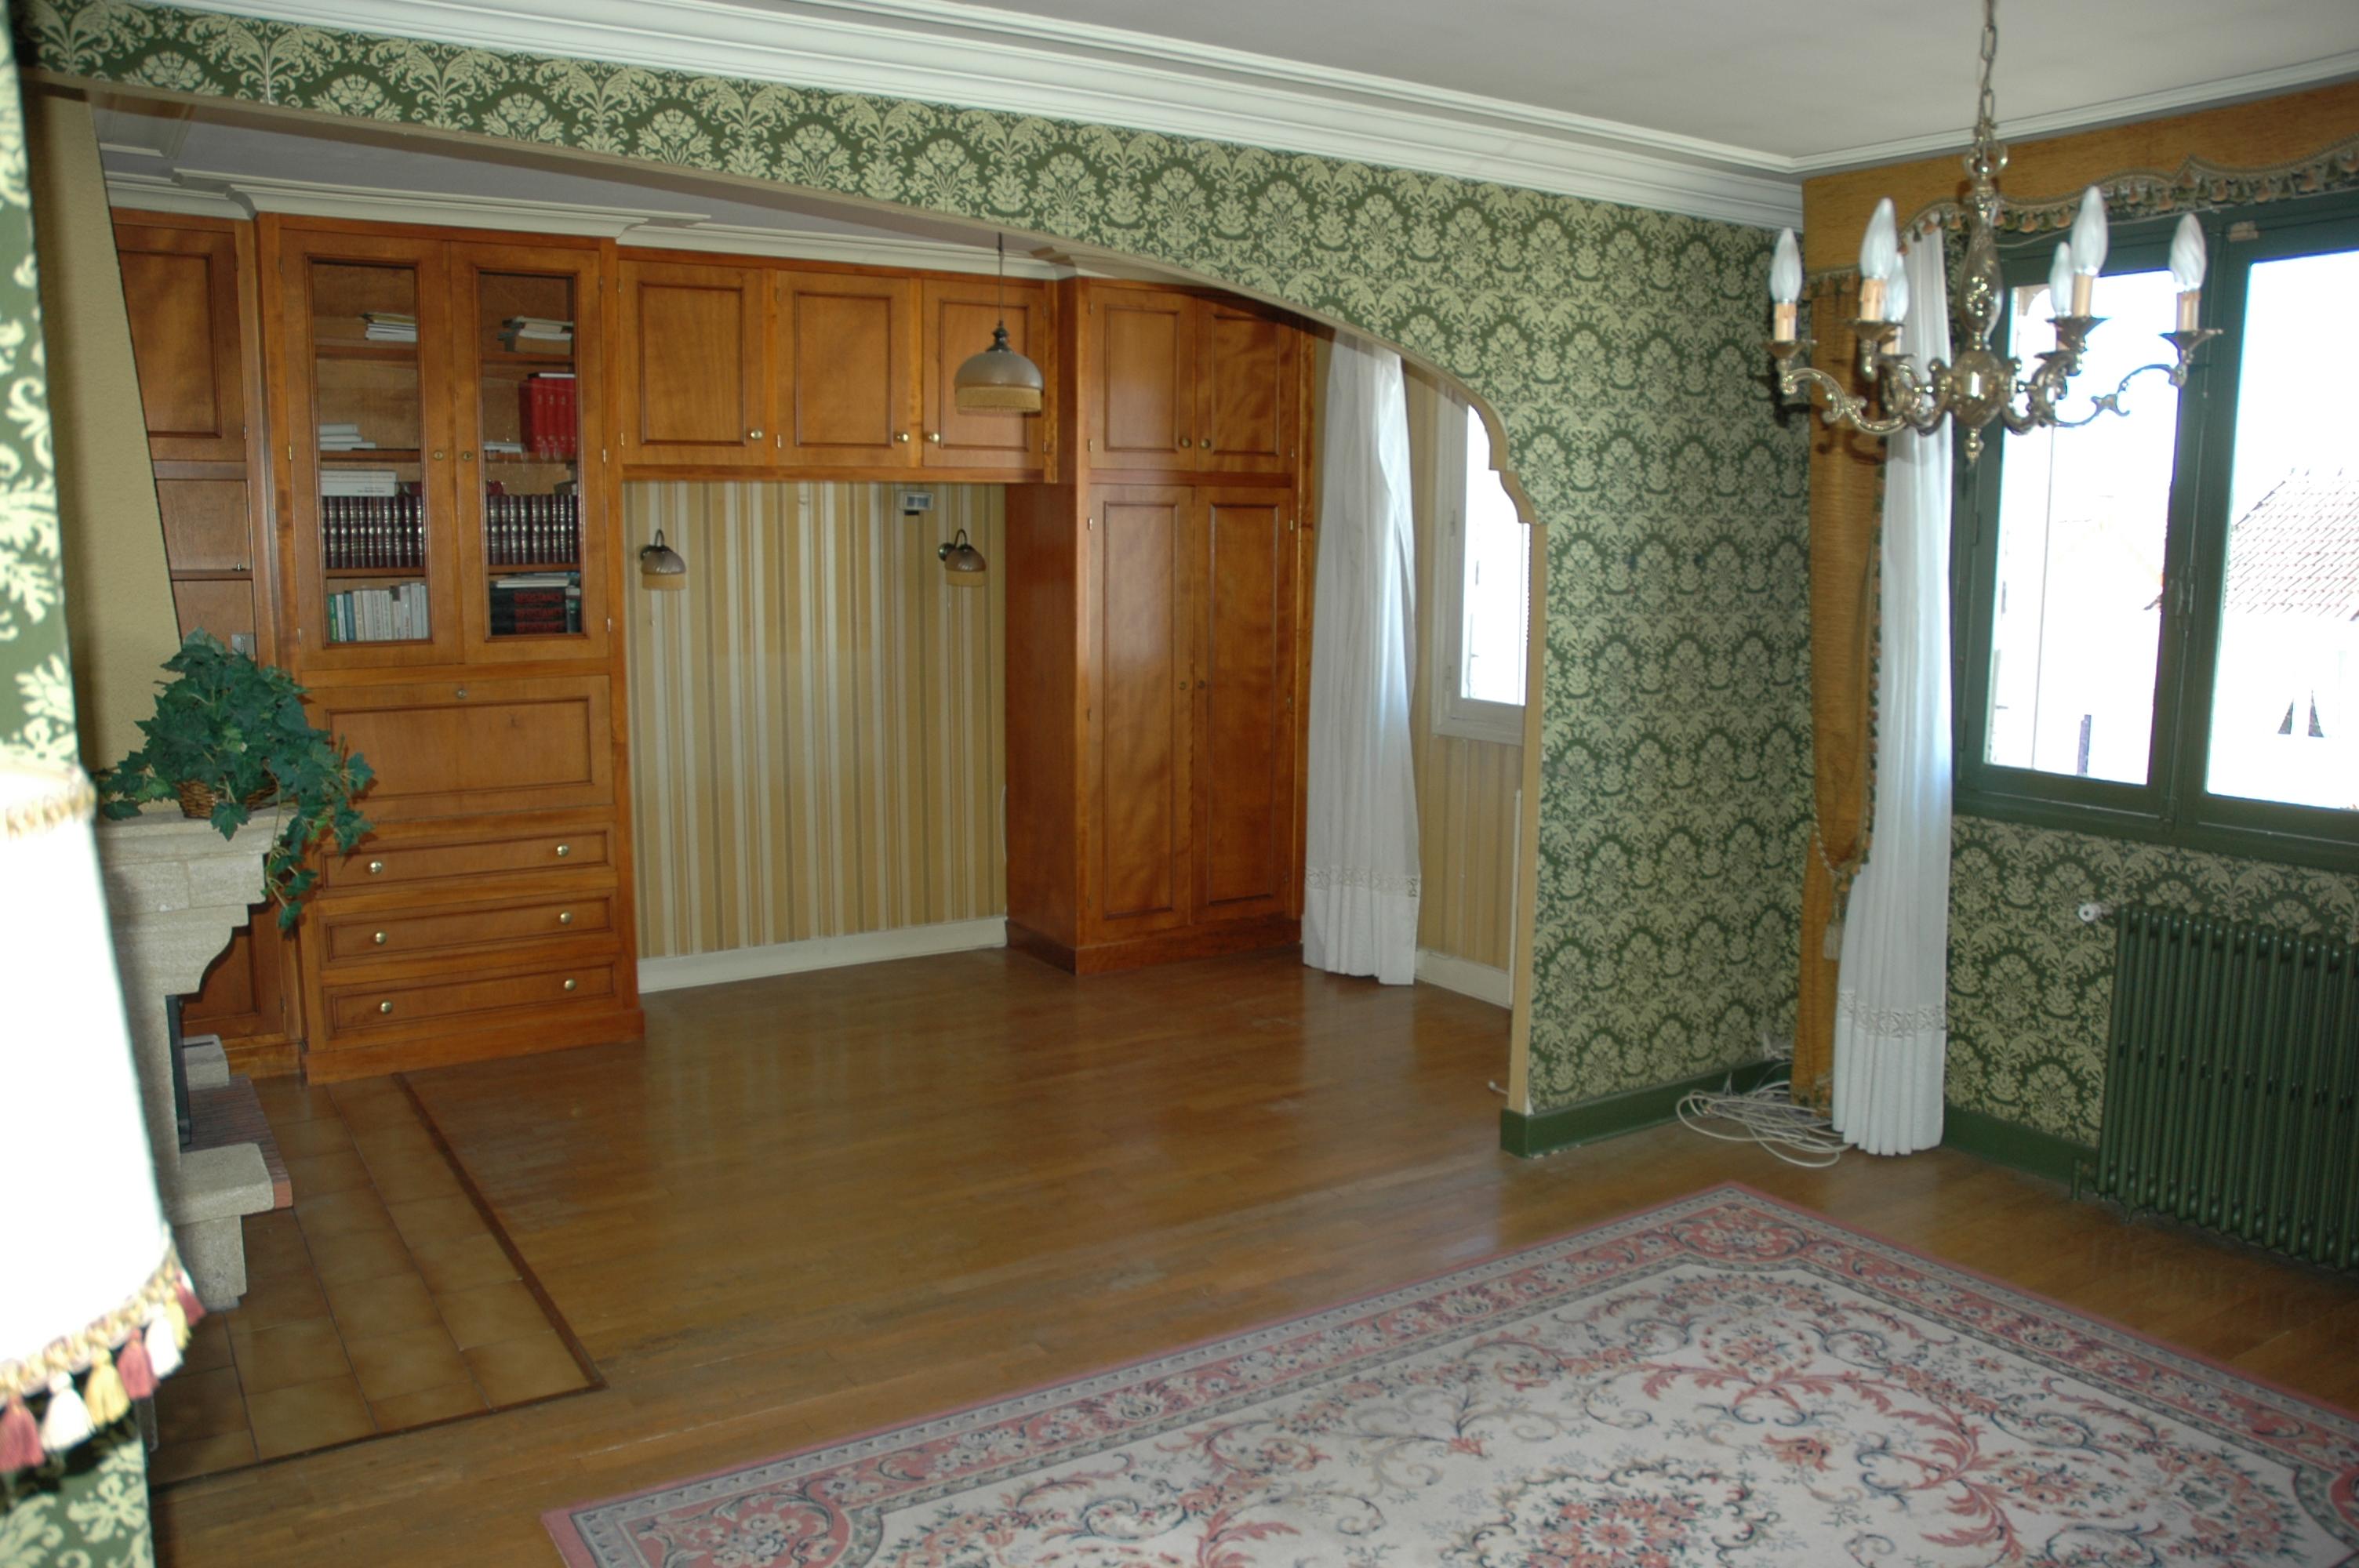 maison quartier ouest limoges avec jardin non mitoyenne. Black Bedroom Furniture Sets. Home Design Ideas